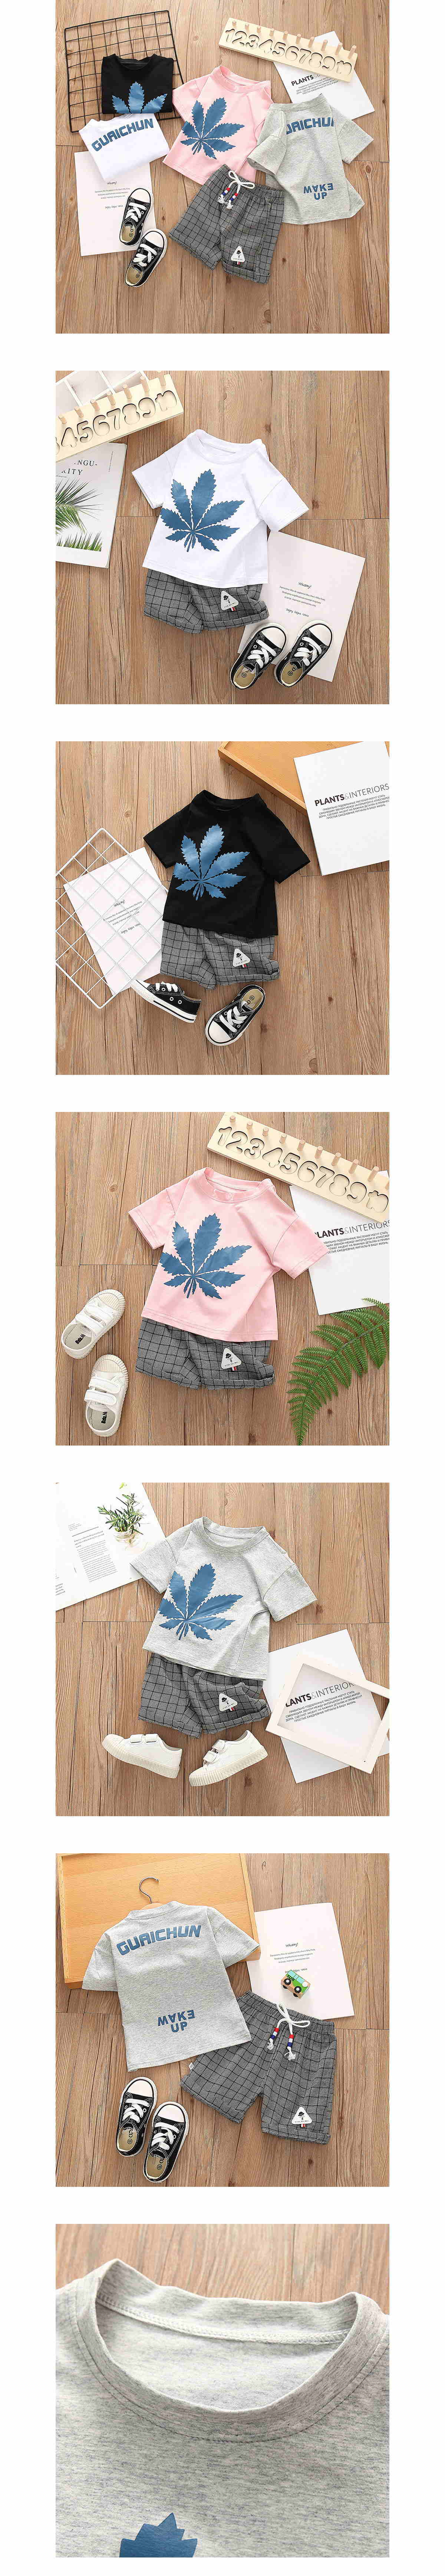 套裝.格子楓葉舒適圓領上衣兩件組.童裝